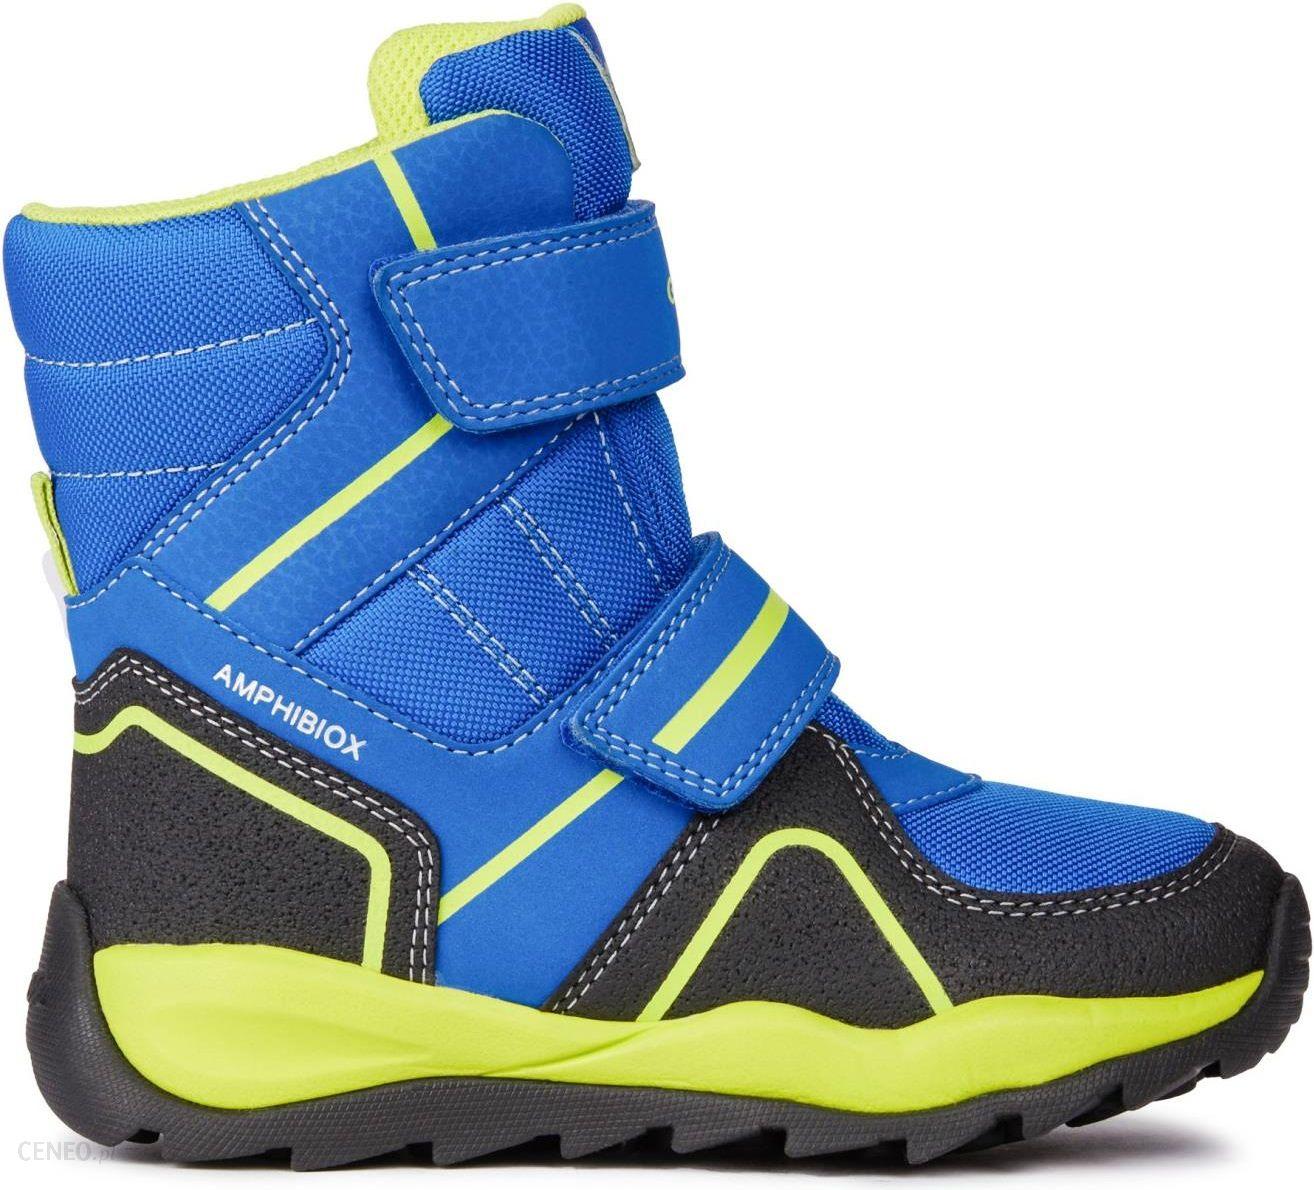 391d1d92 Geox buty zimowe za kostkę chłopięce Orizont 28 niebieski, - zdjęcie 1